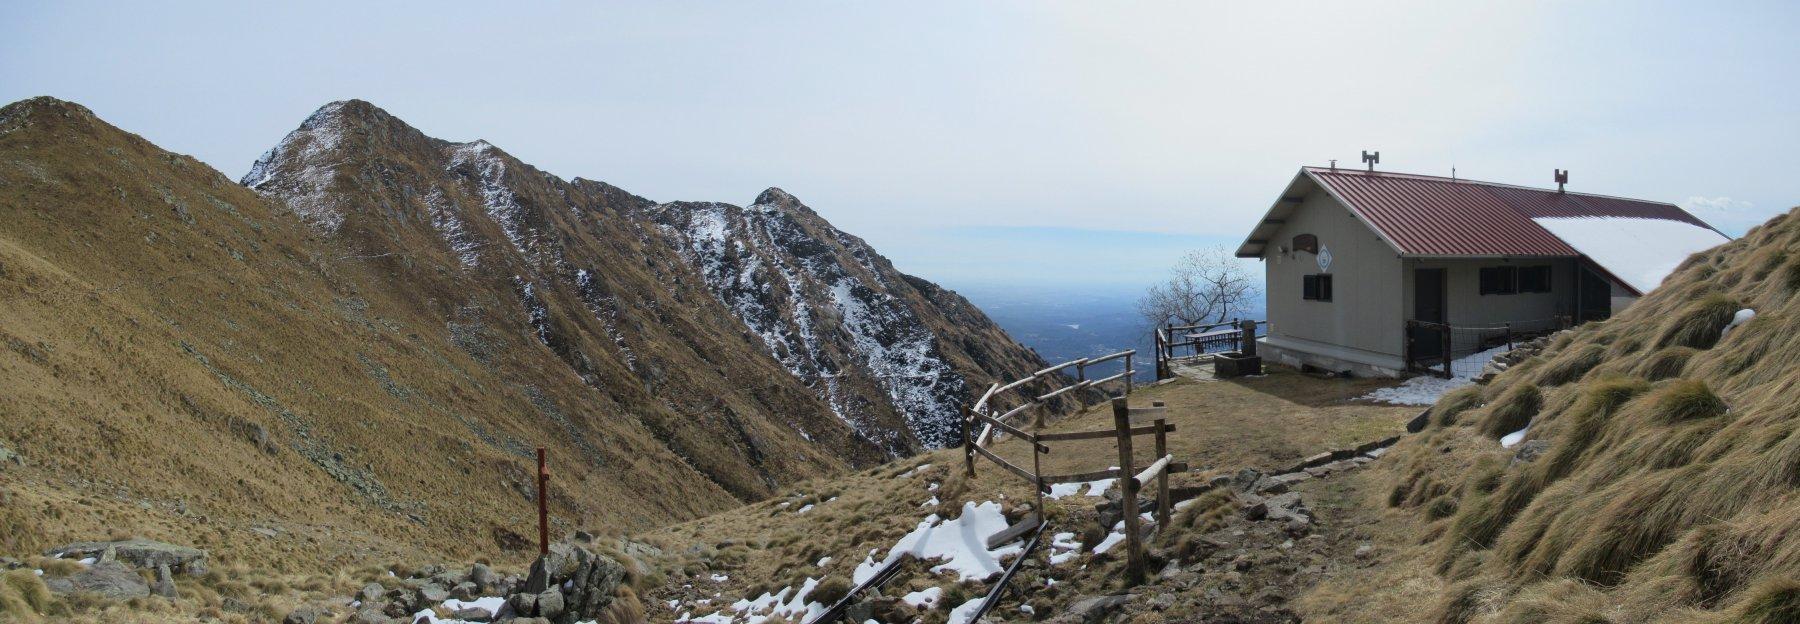 Rifugio Monte Barone di Coggiola